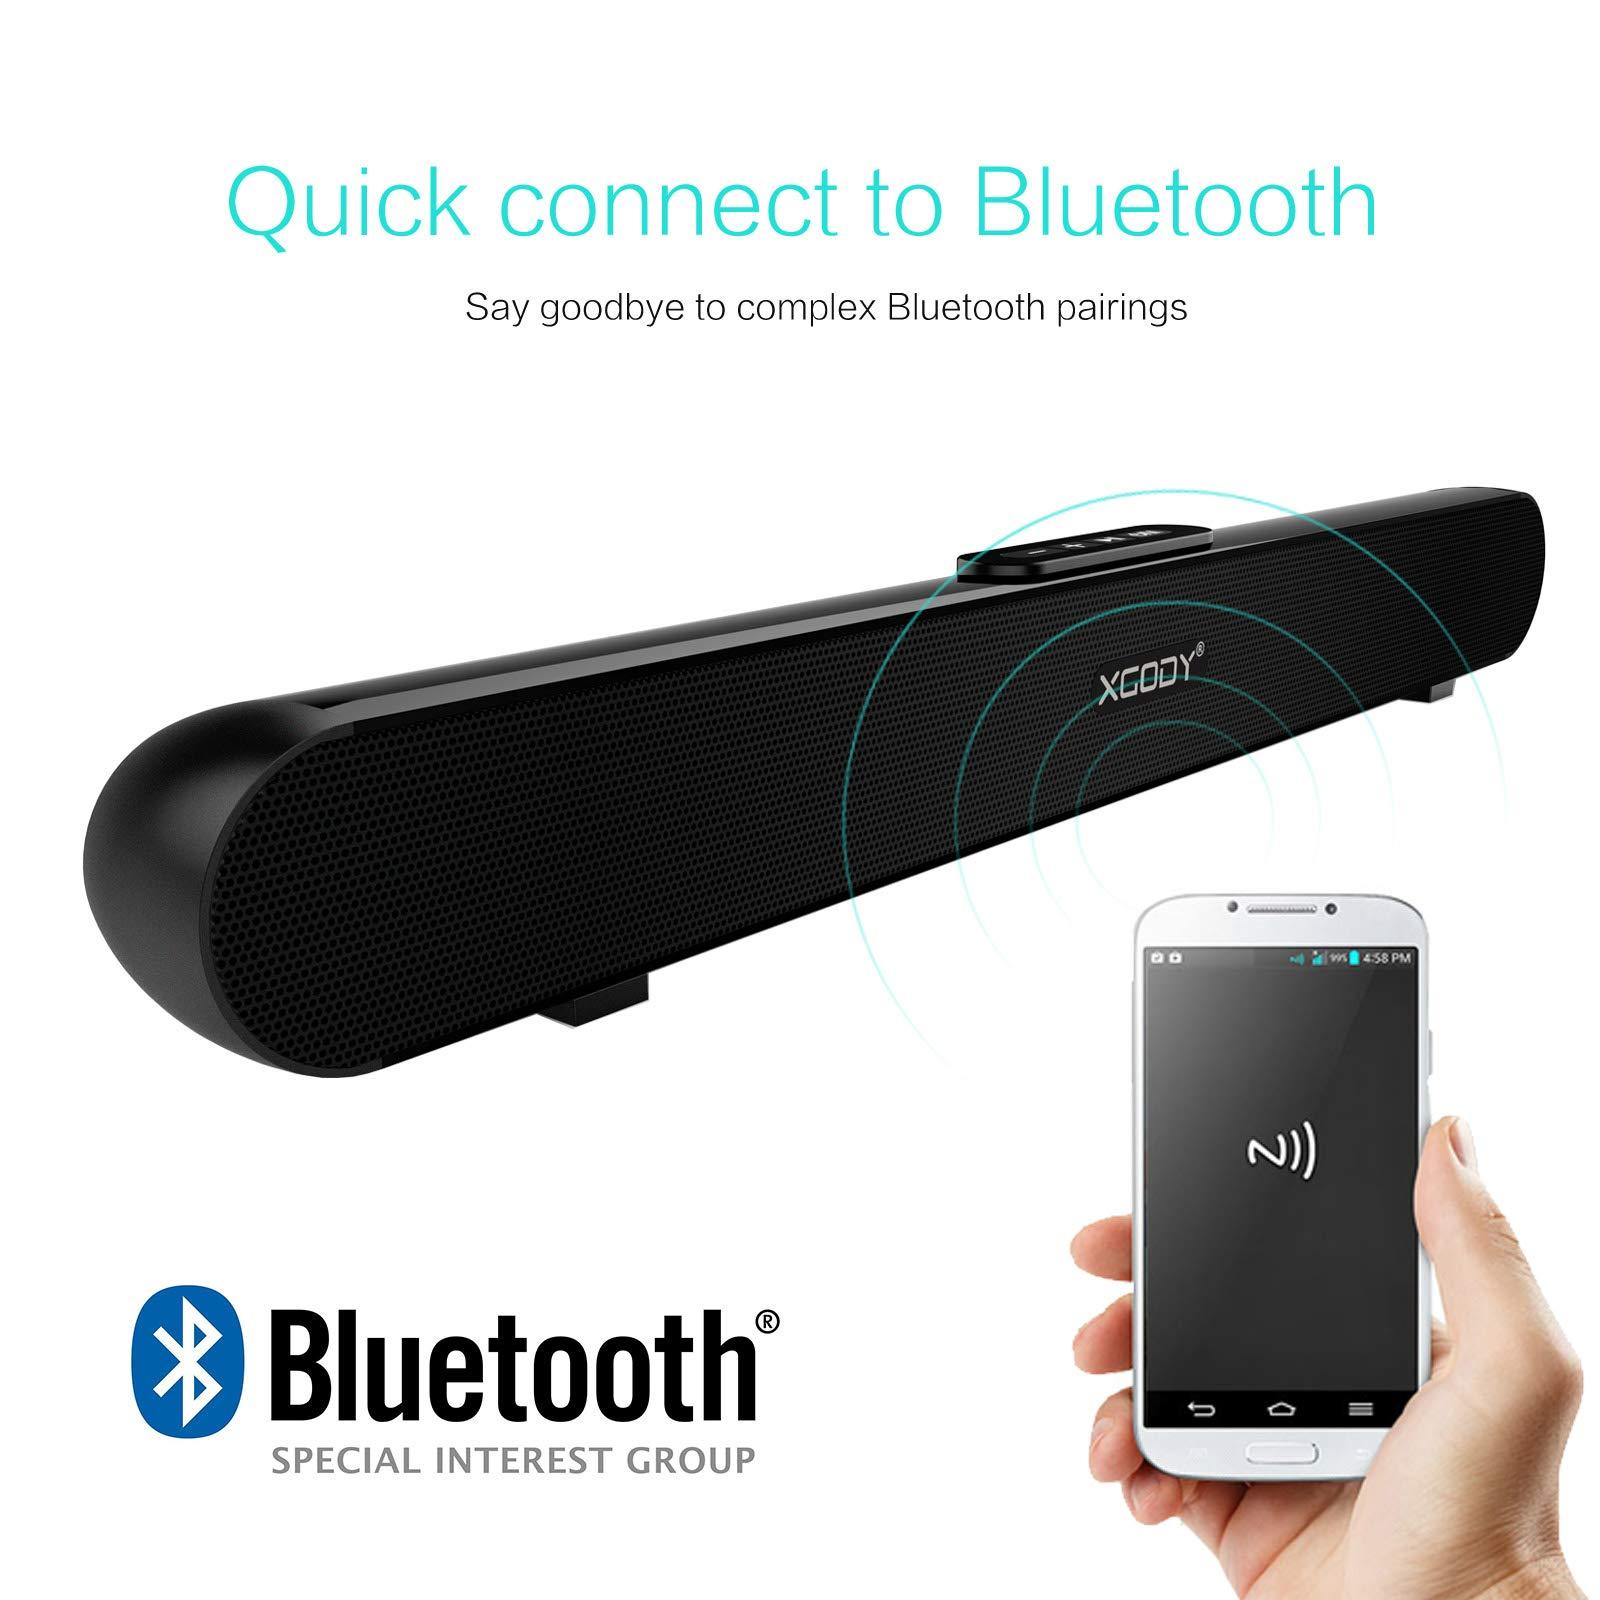 TV Sound Bar XGODY 20'' G-XS01 Wireless Wired Audio Surround Soundbar Bluetooth 5.0 Speaker with 2.0 Channel Sound System by XGODY (Image #3)